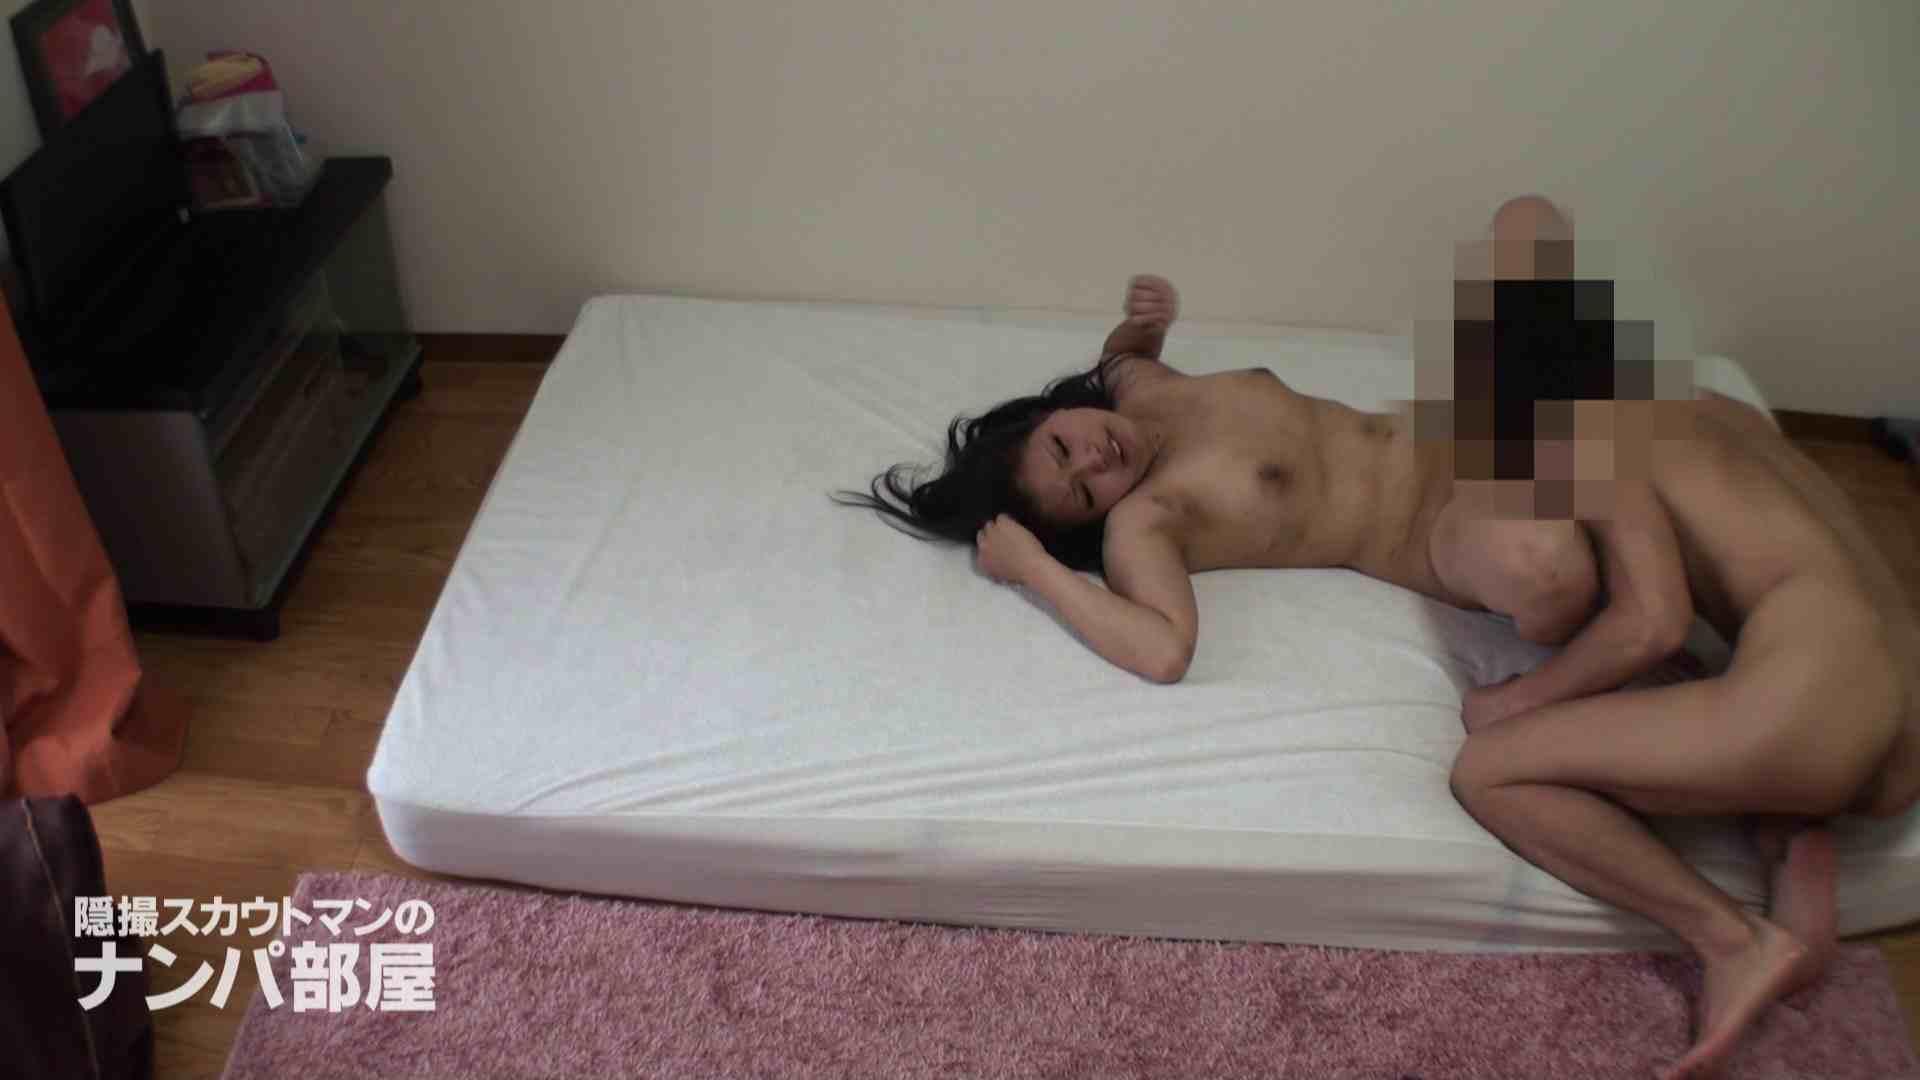 隠撮スカウトマンのナンパ部屋~風俗デビュー前のつまみ食い~hanavol.4 隠撮 | シャワー  90PIX 78